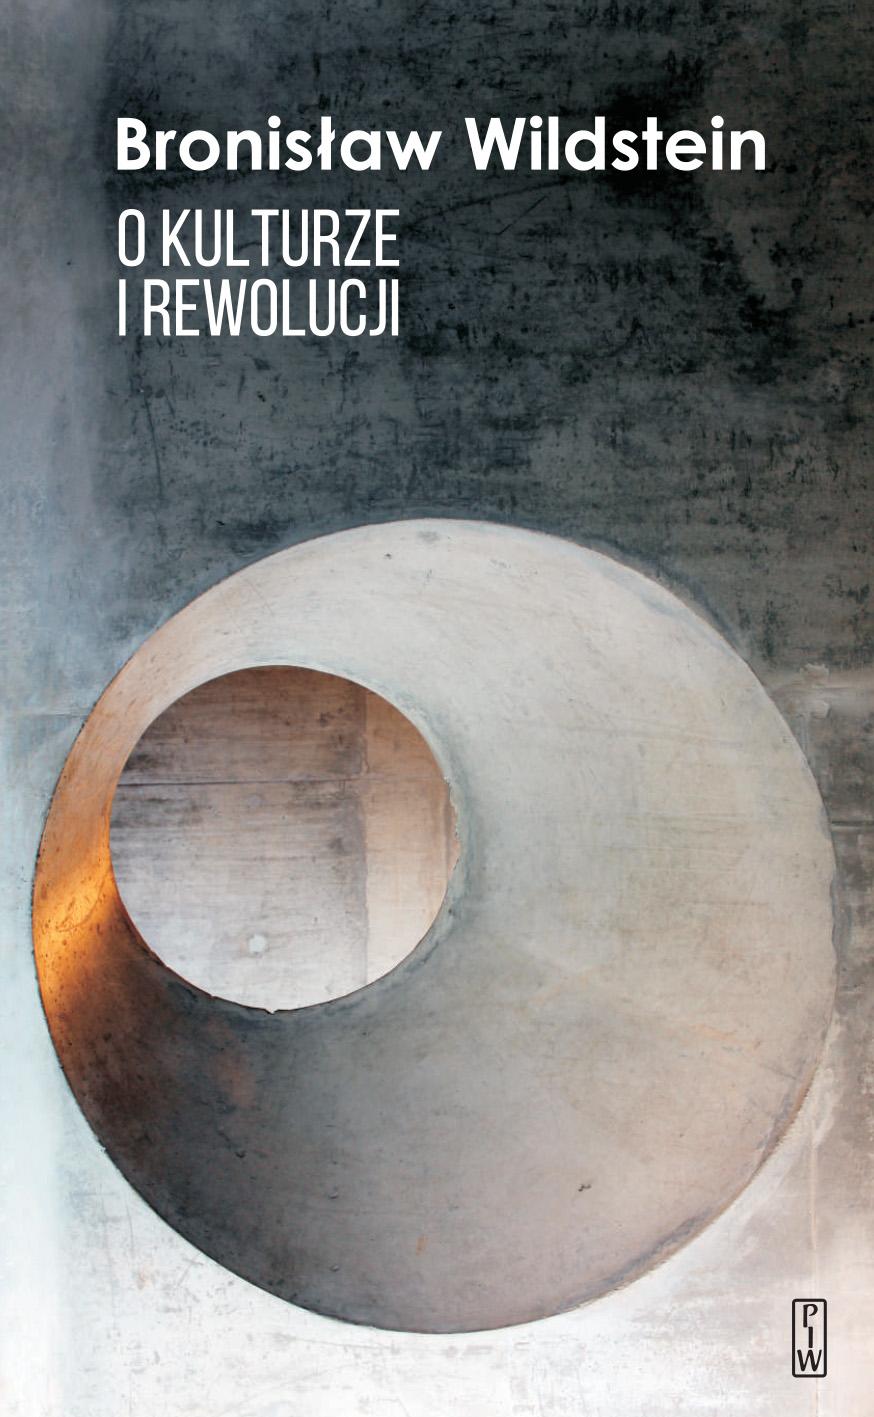 O_kulturze_i_rewolucji_okladka_2